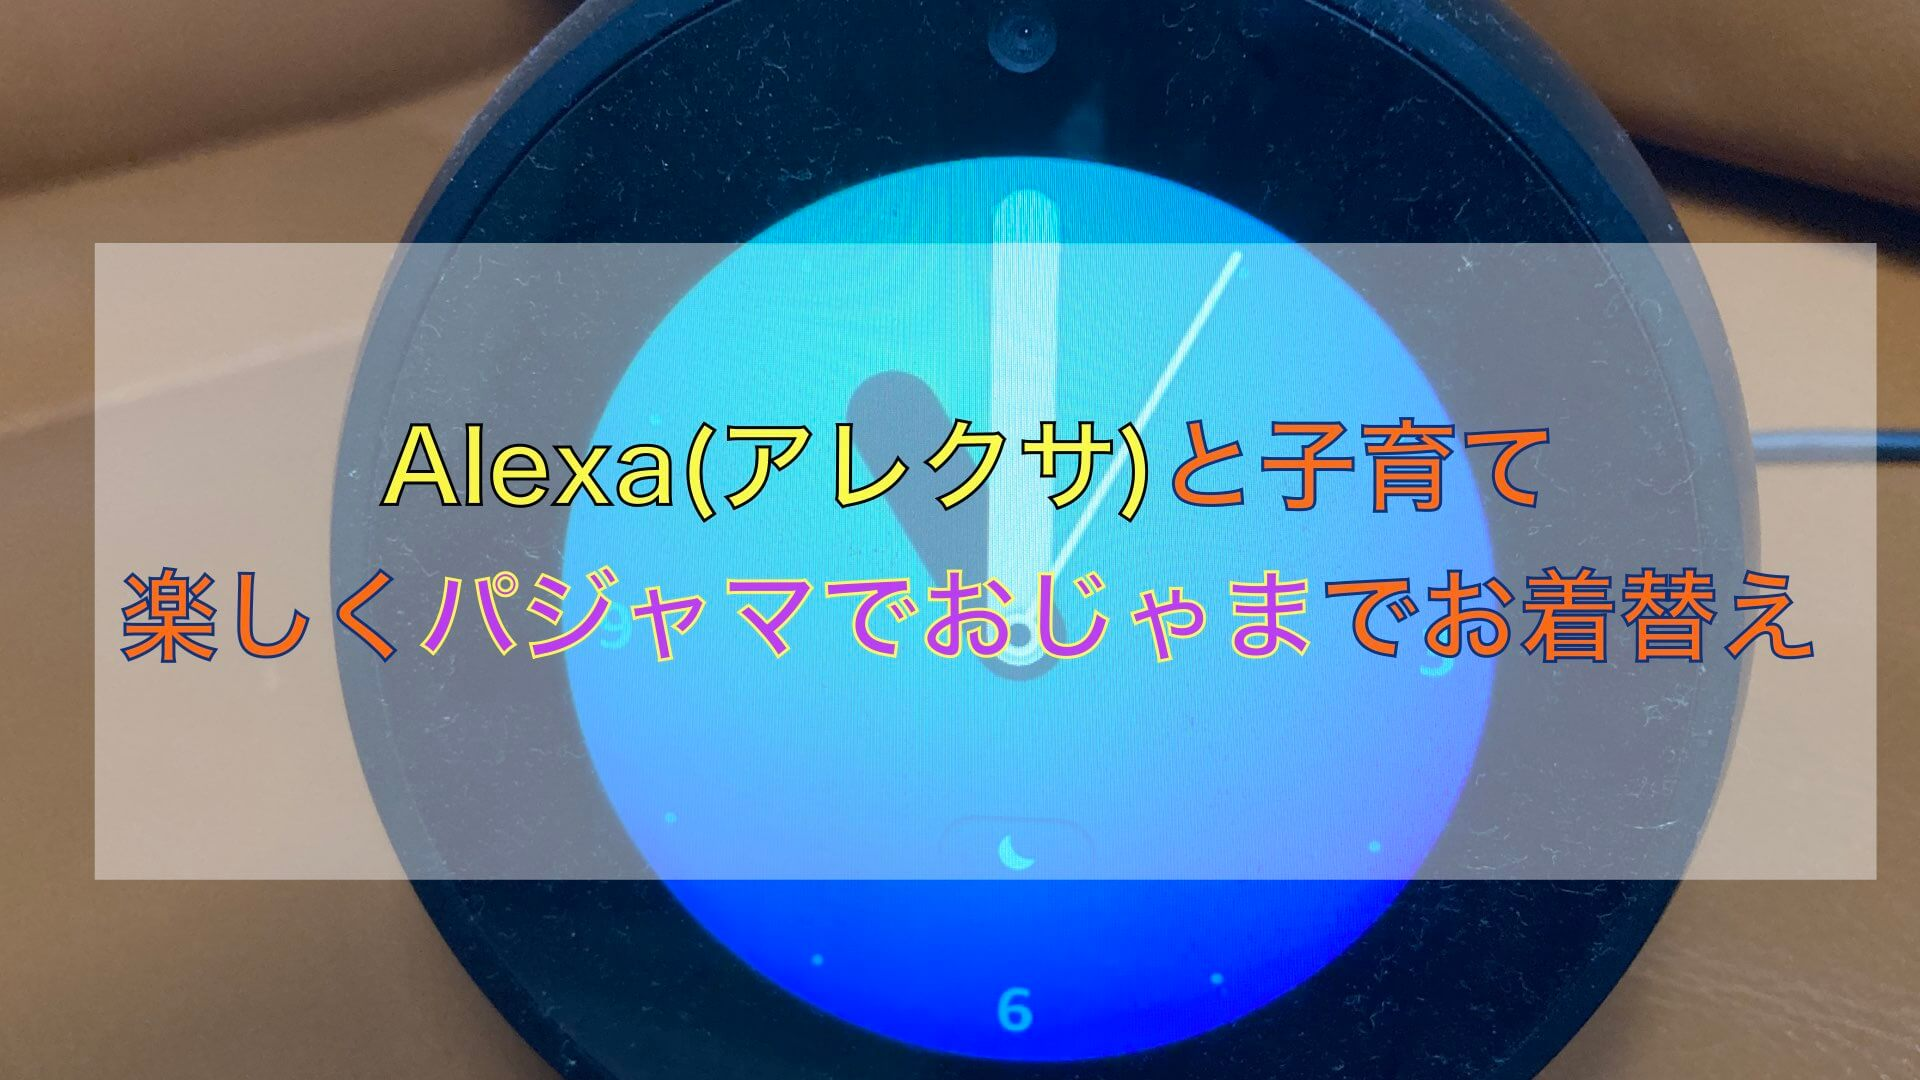 Alexa(アレクサ)と子育て|楽しくパジャマでおじゃまでお着替え